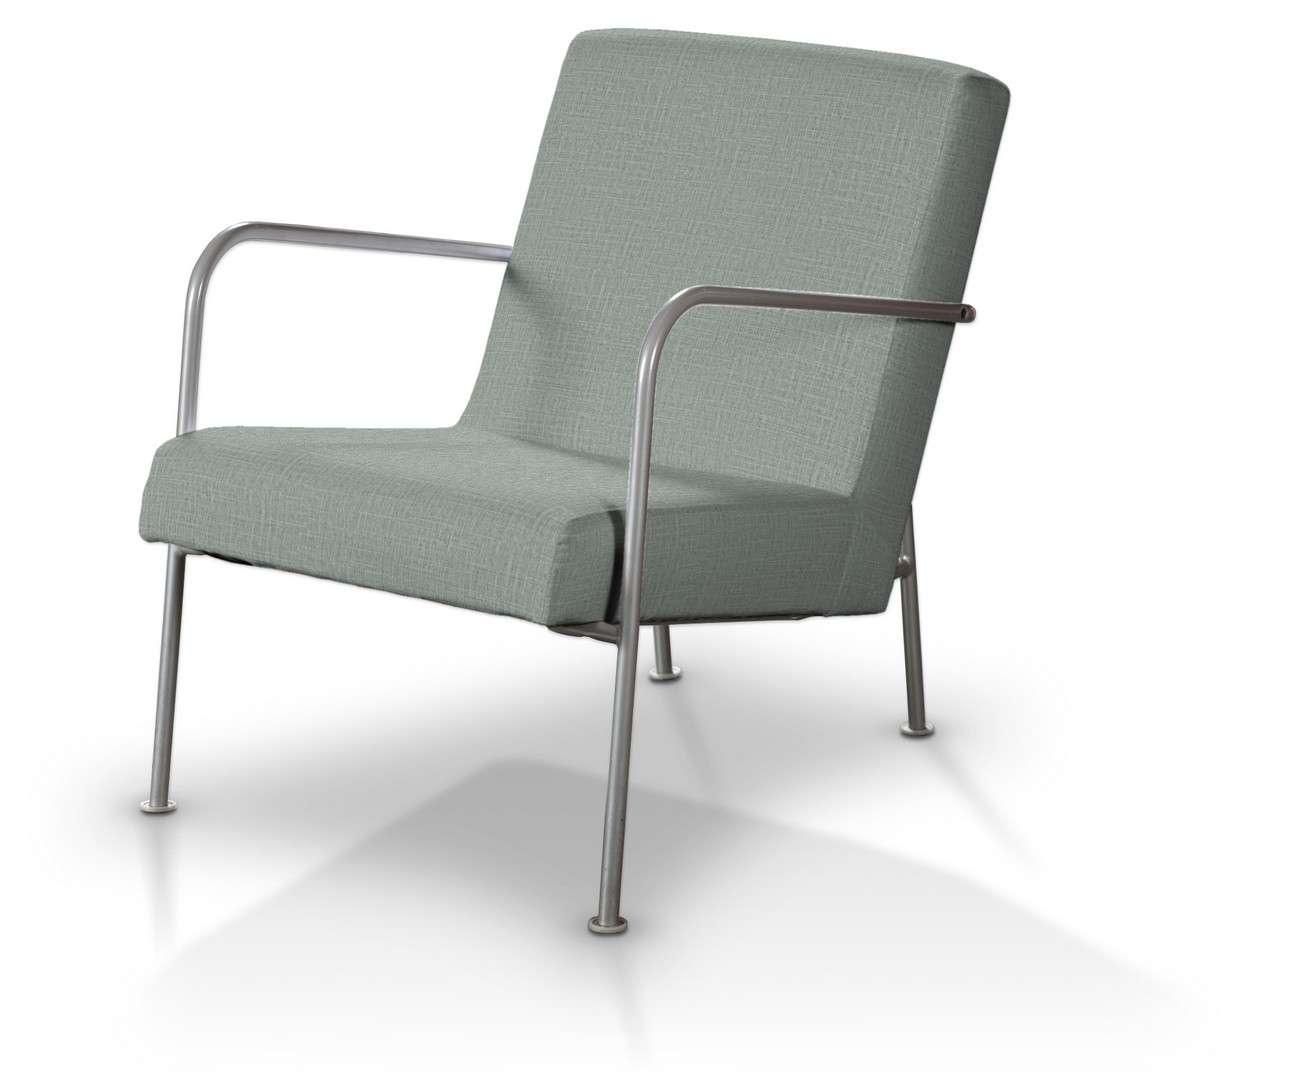 Bezug für Ikea PS Sessel von der Kollektion Living II, Stoff: 160-86